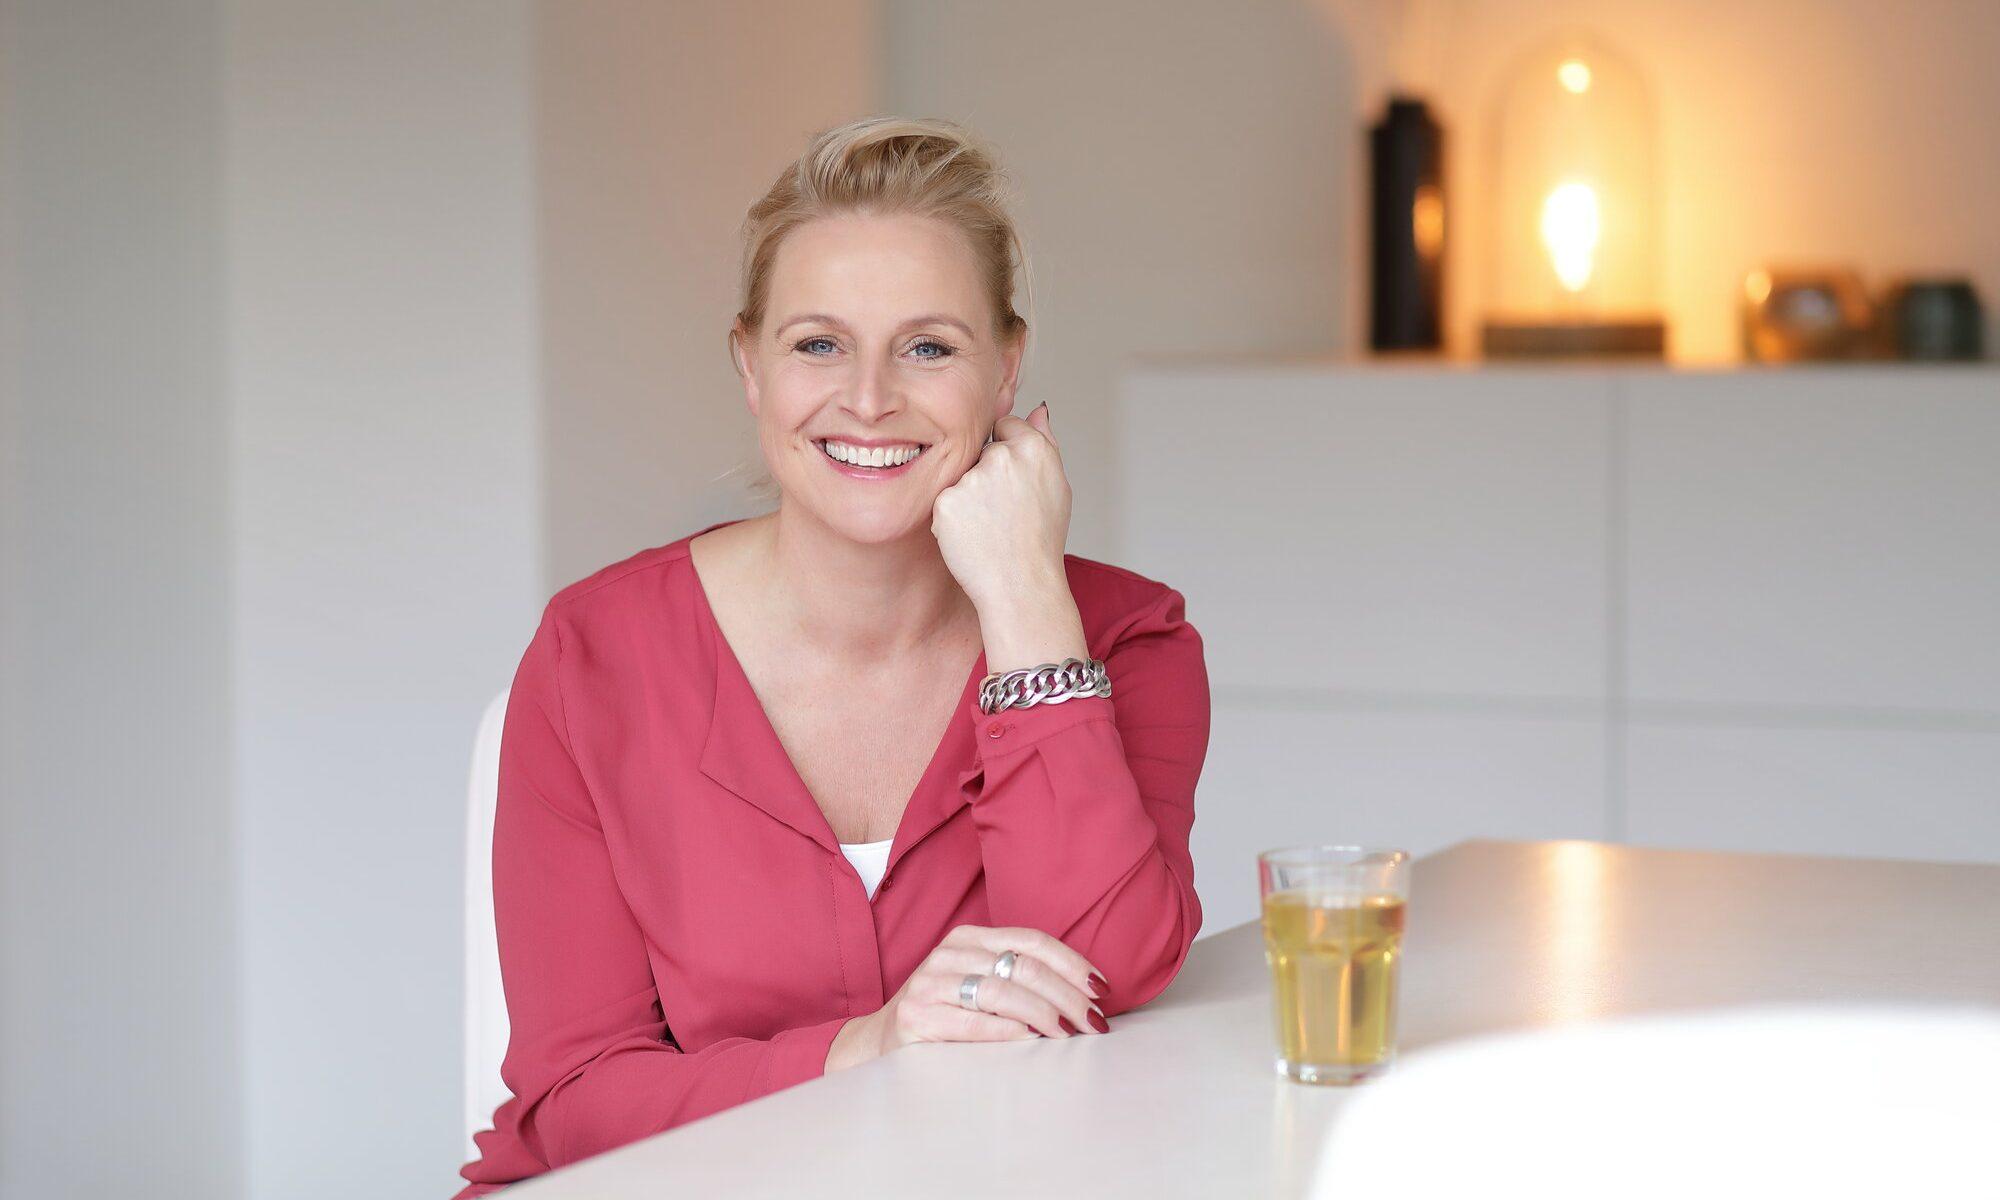 Suzanne van Emden Welkom Thuis miniportret